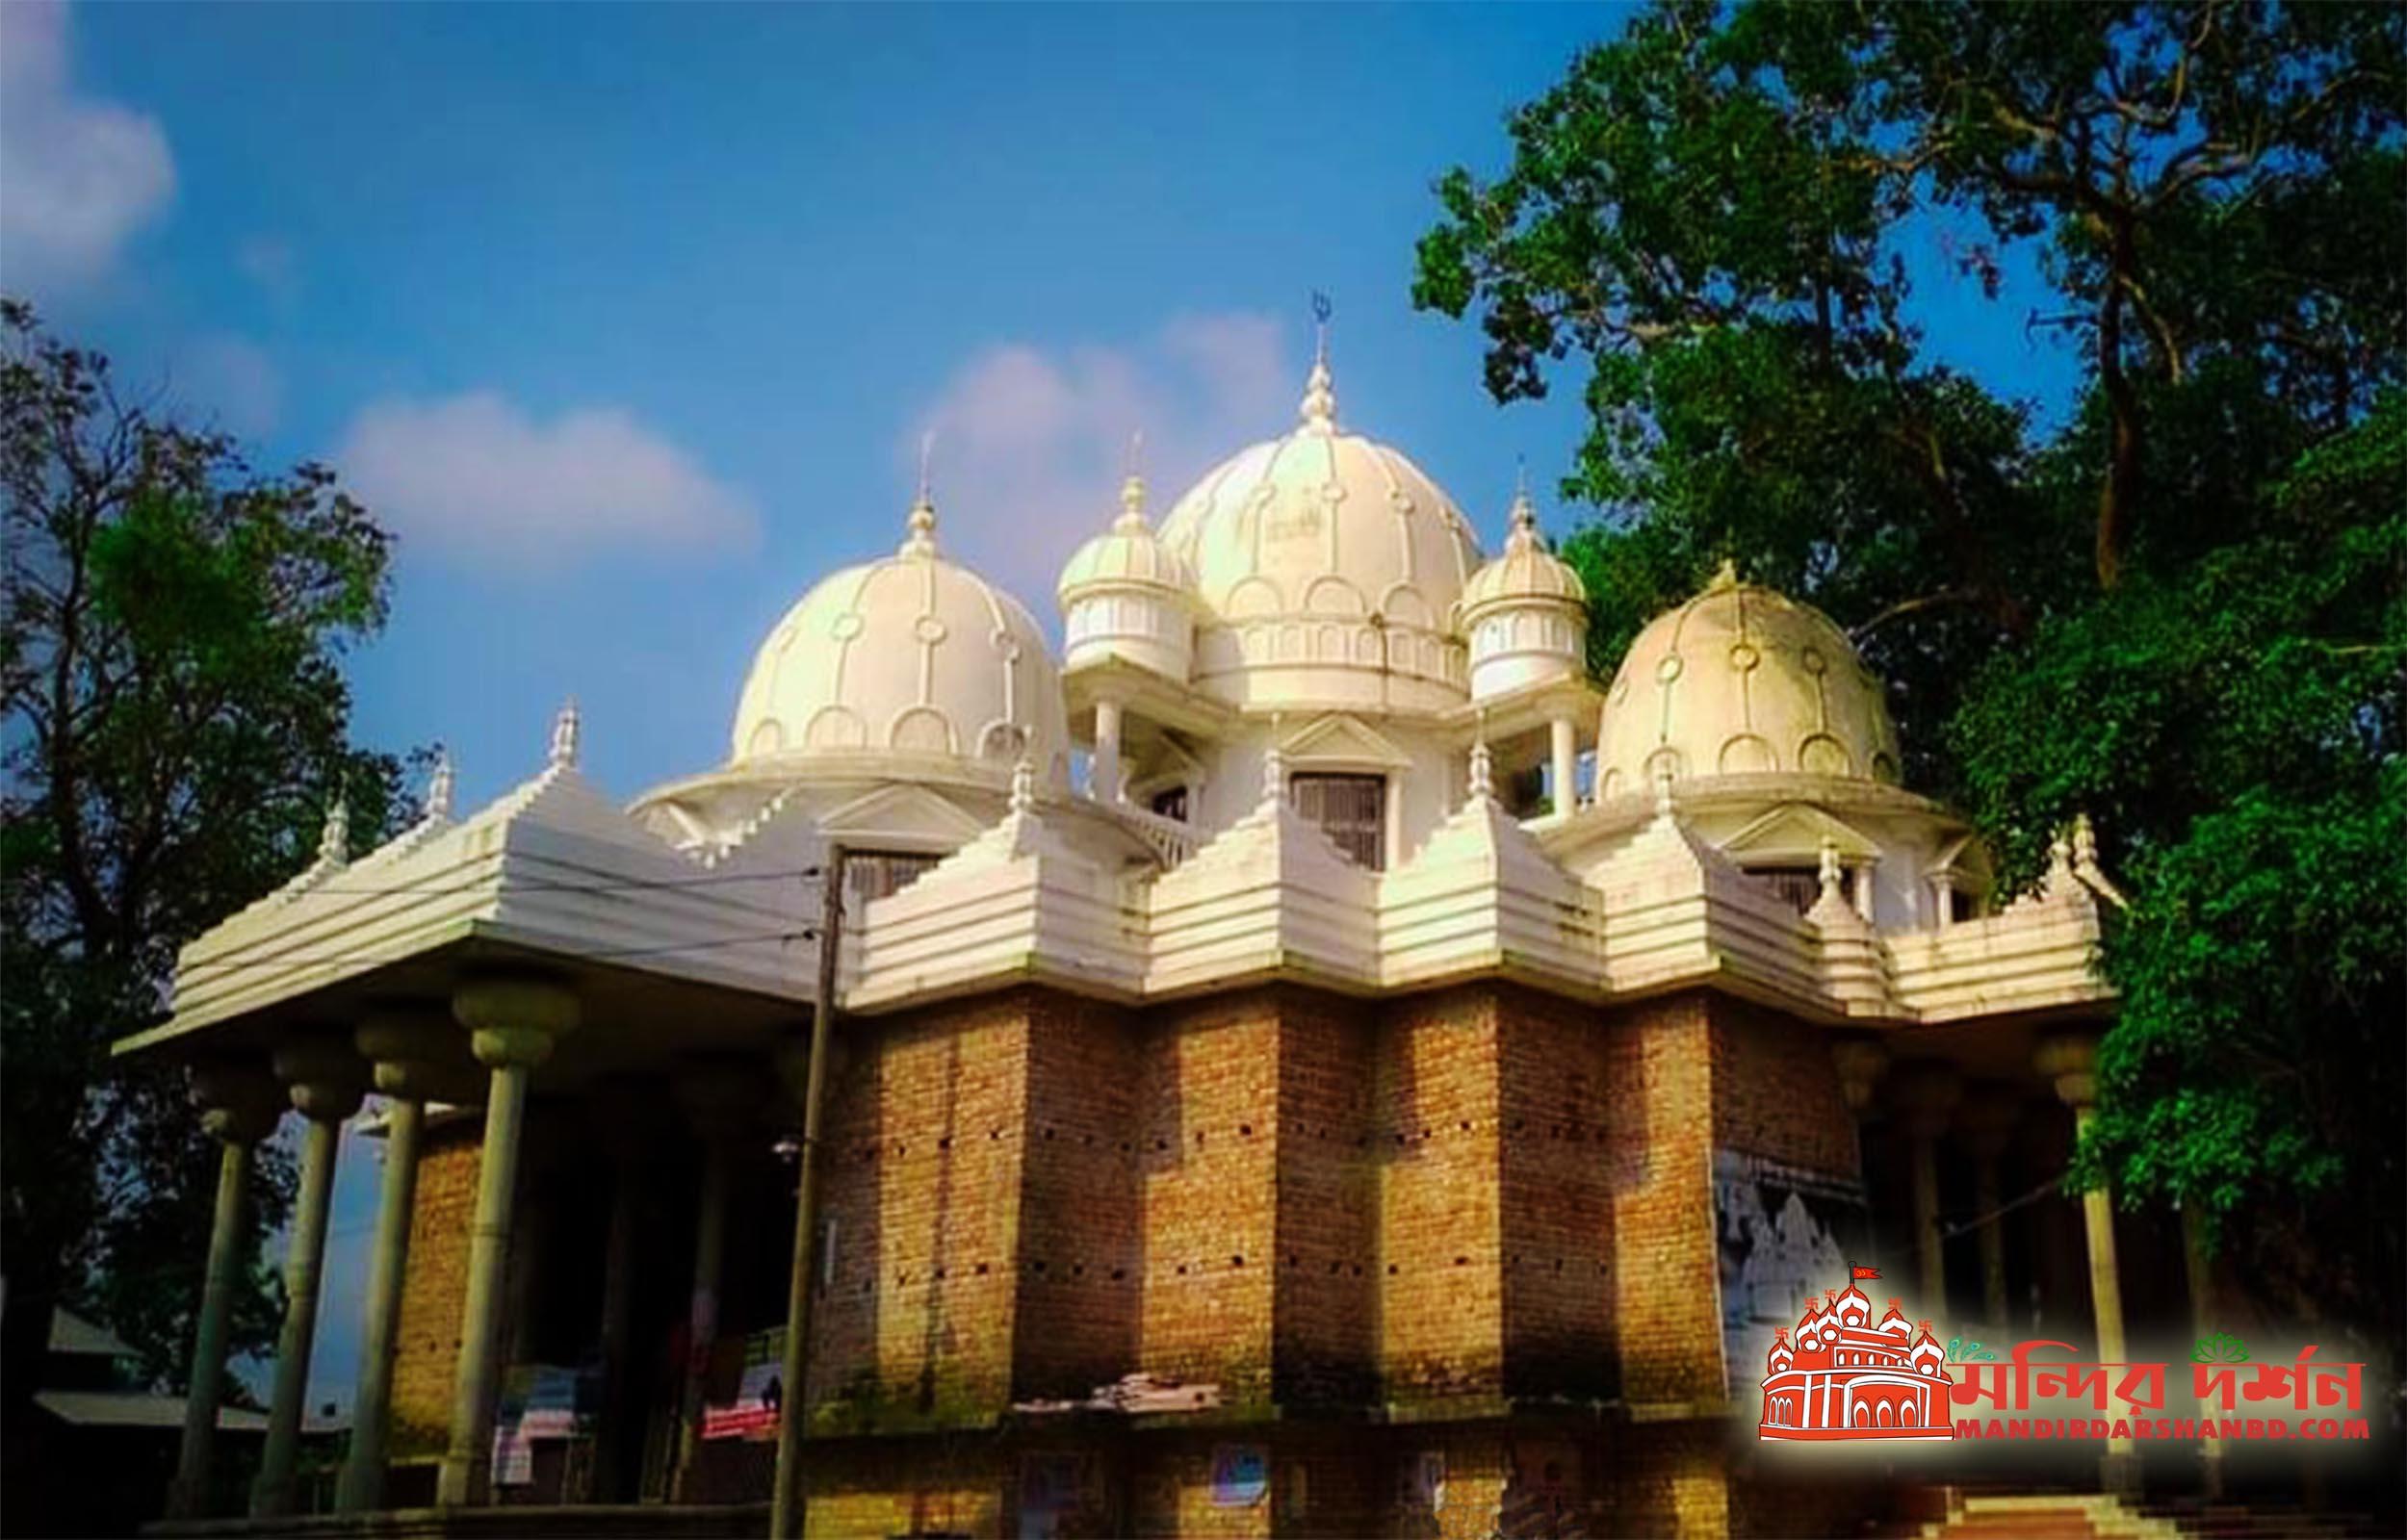 শ্রী শ্রী চিনিশপুর কালী মন্দির